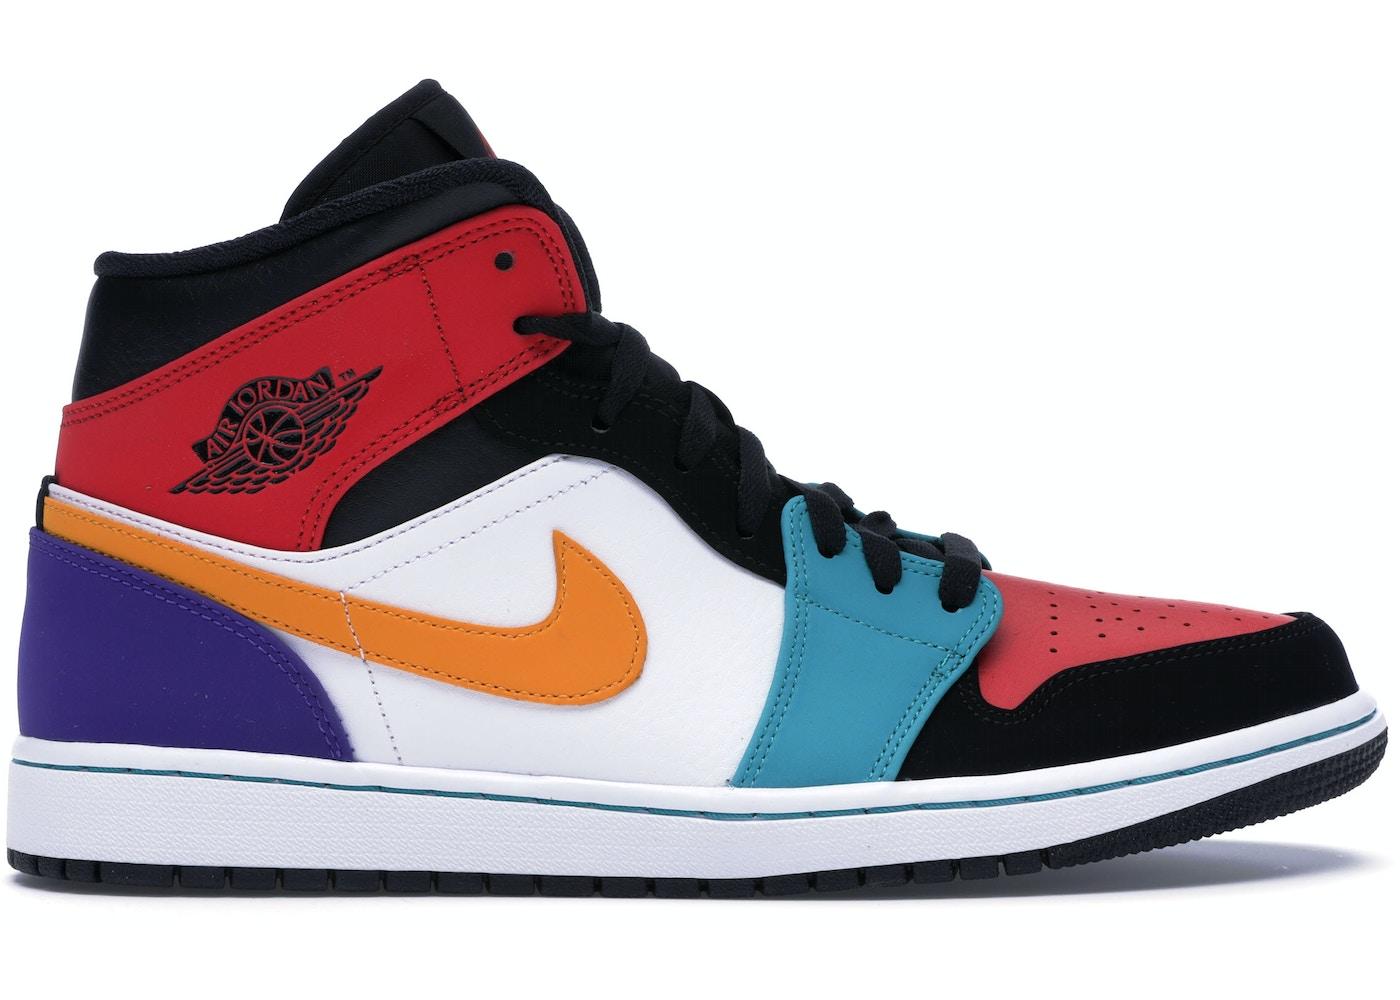 online store 135e5 1e7f7 Jordan 1 Mid Bred Multi-Color - 554724-125